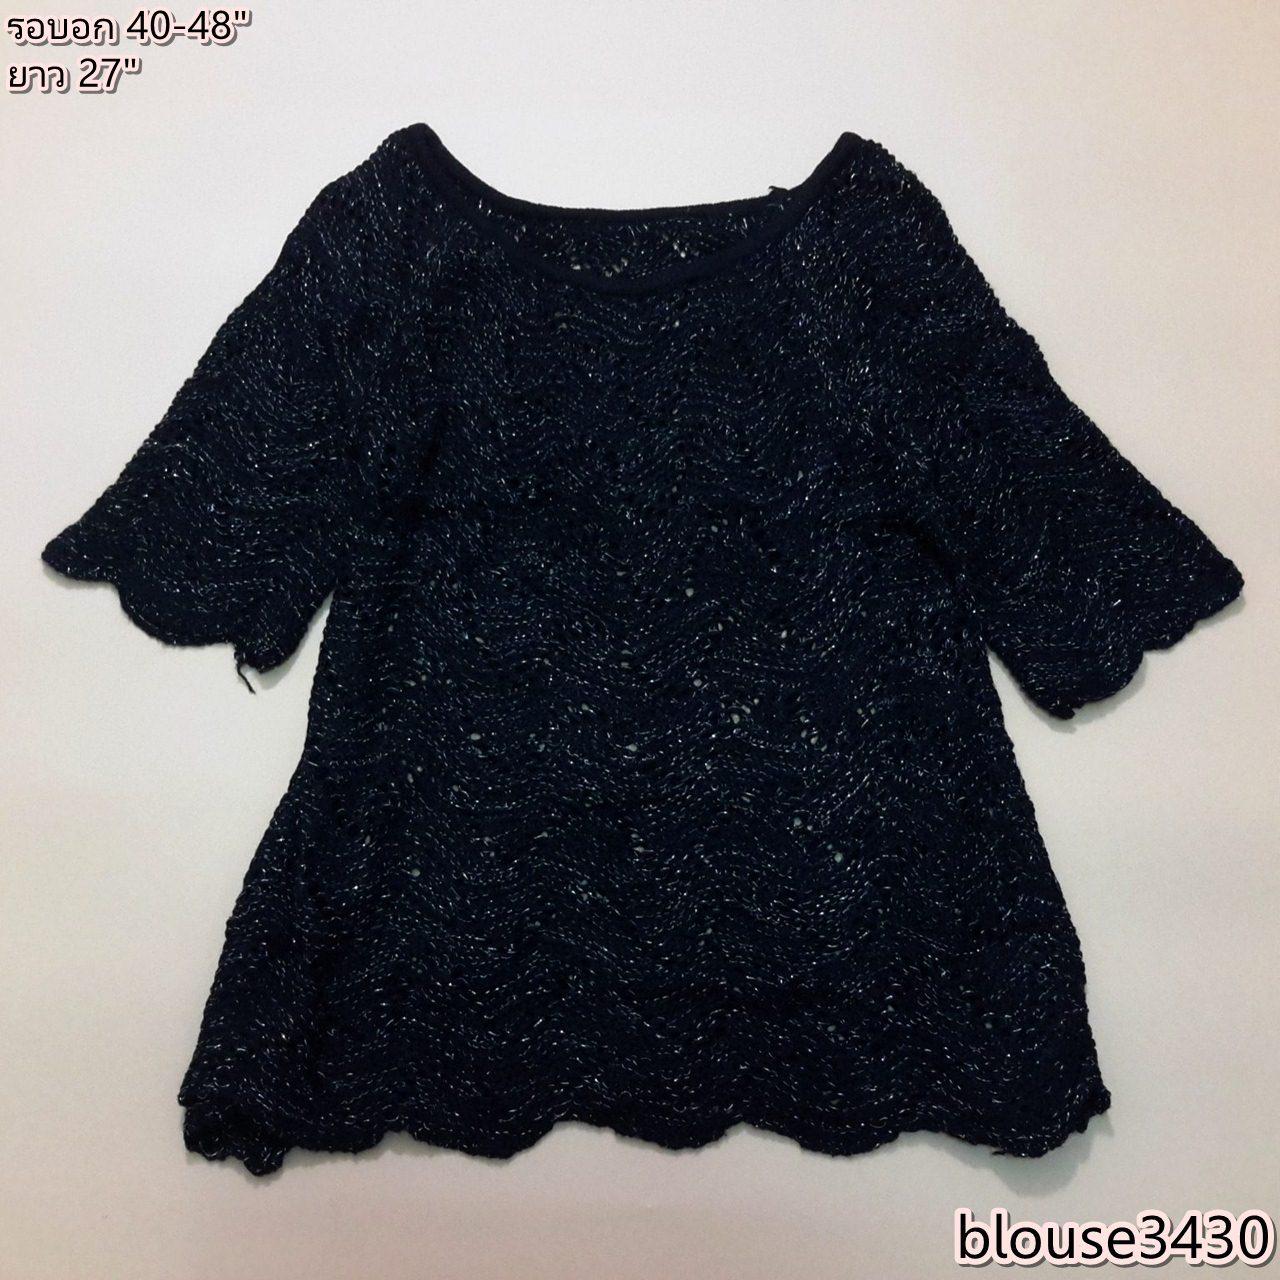 LOT SALE!! Blouse3430 เสื้อกันหนาวไหมพรมถักเนื้อแน่น คอปาด แขนสามส่วน สีดำ